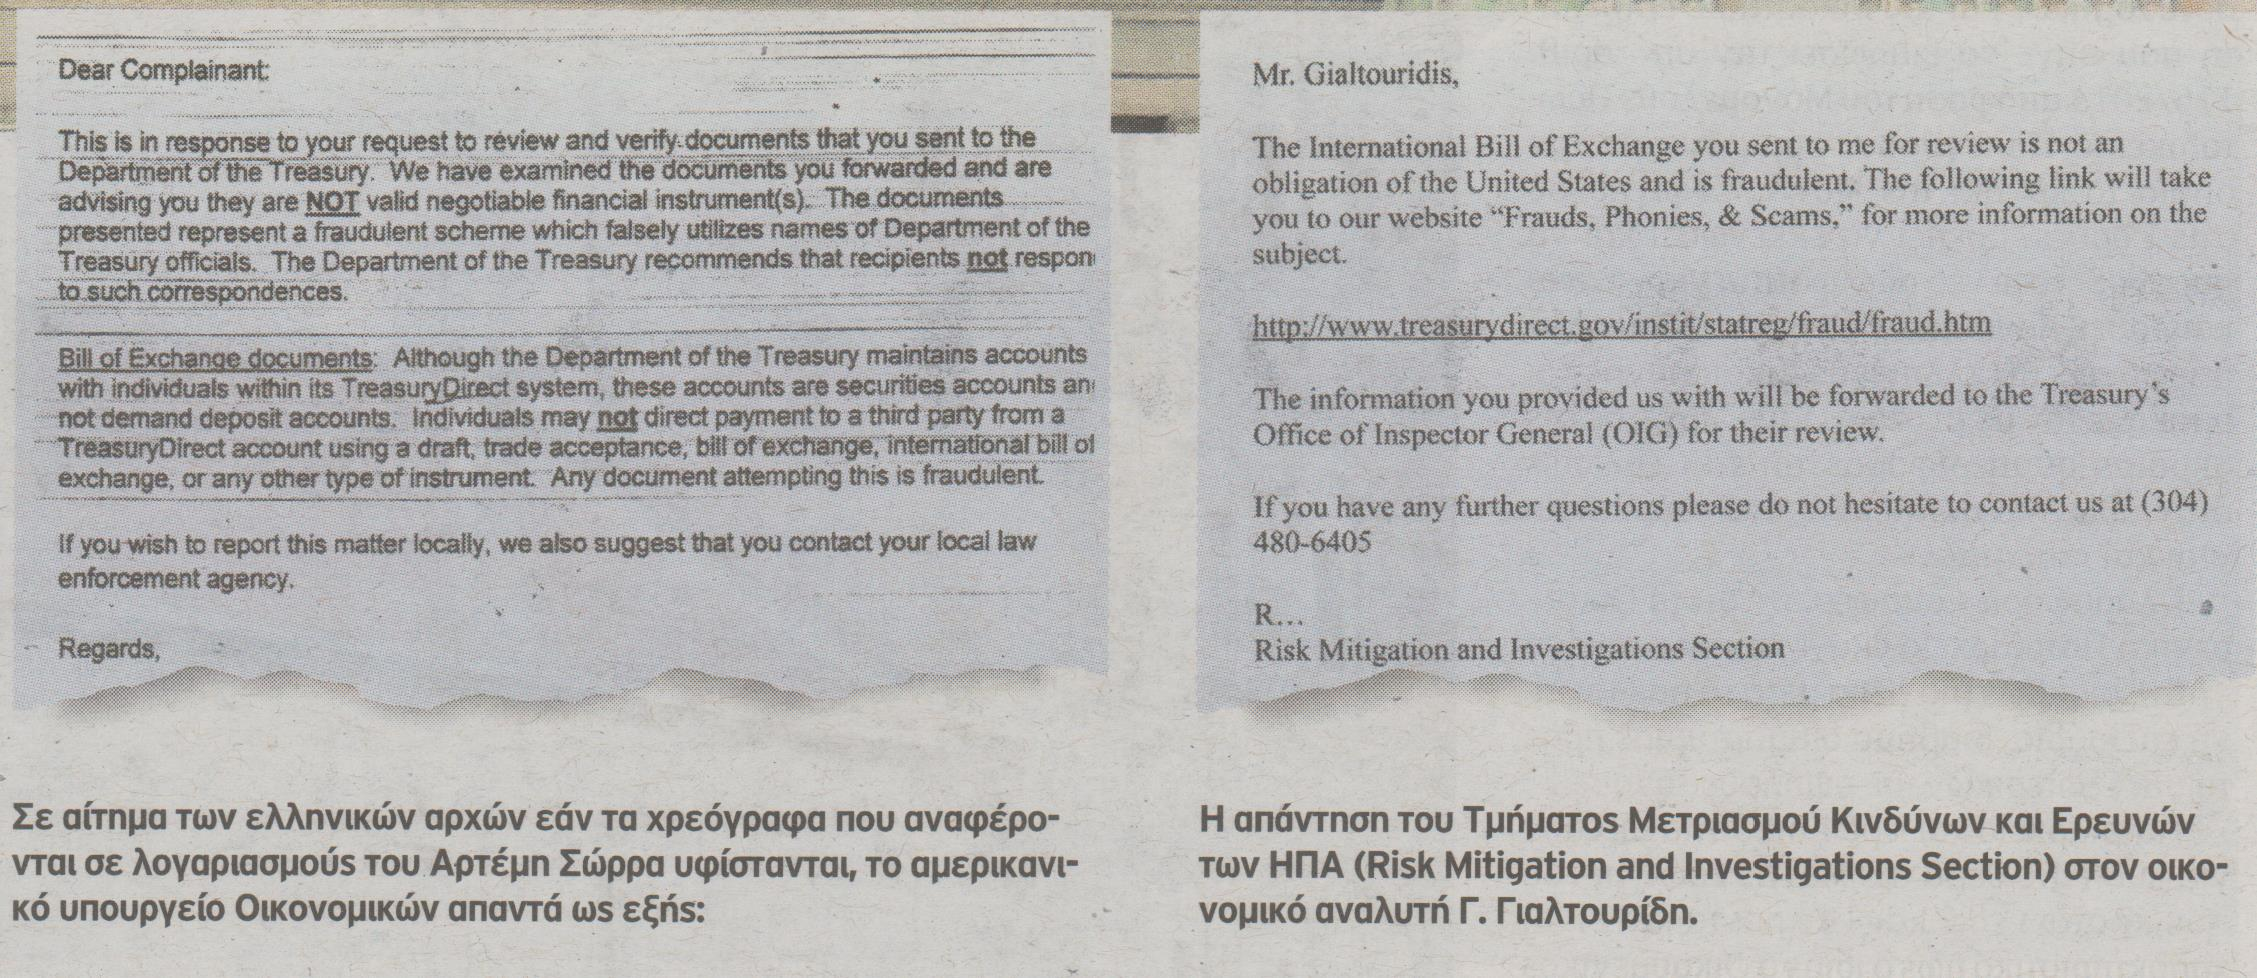 """Οι ελληνικές αρχές ρώτησαν: """"Τα λεφτά υπάρχουν;"""" και οι αμερικανικές απάντησαν: """"Δεν υπάρχουν"""". Στον αμερικανικό Τειρεσία της Μασαχουσέτης έχουν φθάσει έγγραφα που αποδεικνύουν ότι τα 600 δισ. εμπεριέχονται σε πλαστά χρεόγραφα που έχει τυπώσει και διακινεί ένας πρώην δικηγόρος όνοματι Στίβεν Λούις Γουόσνι."""